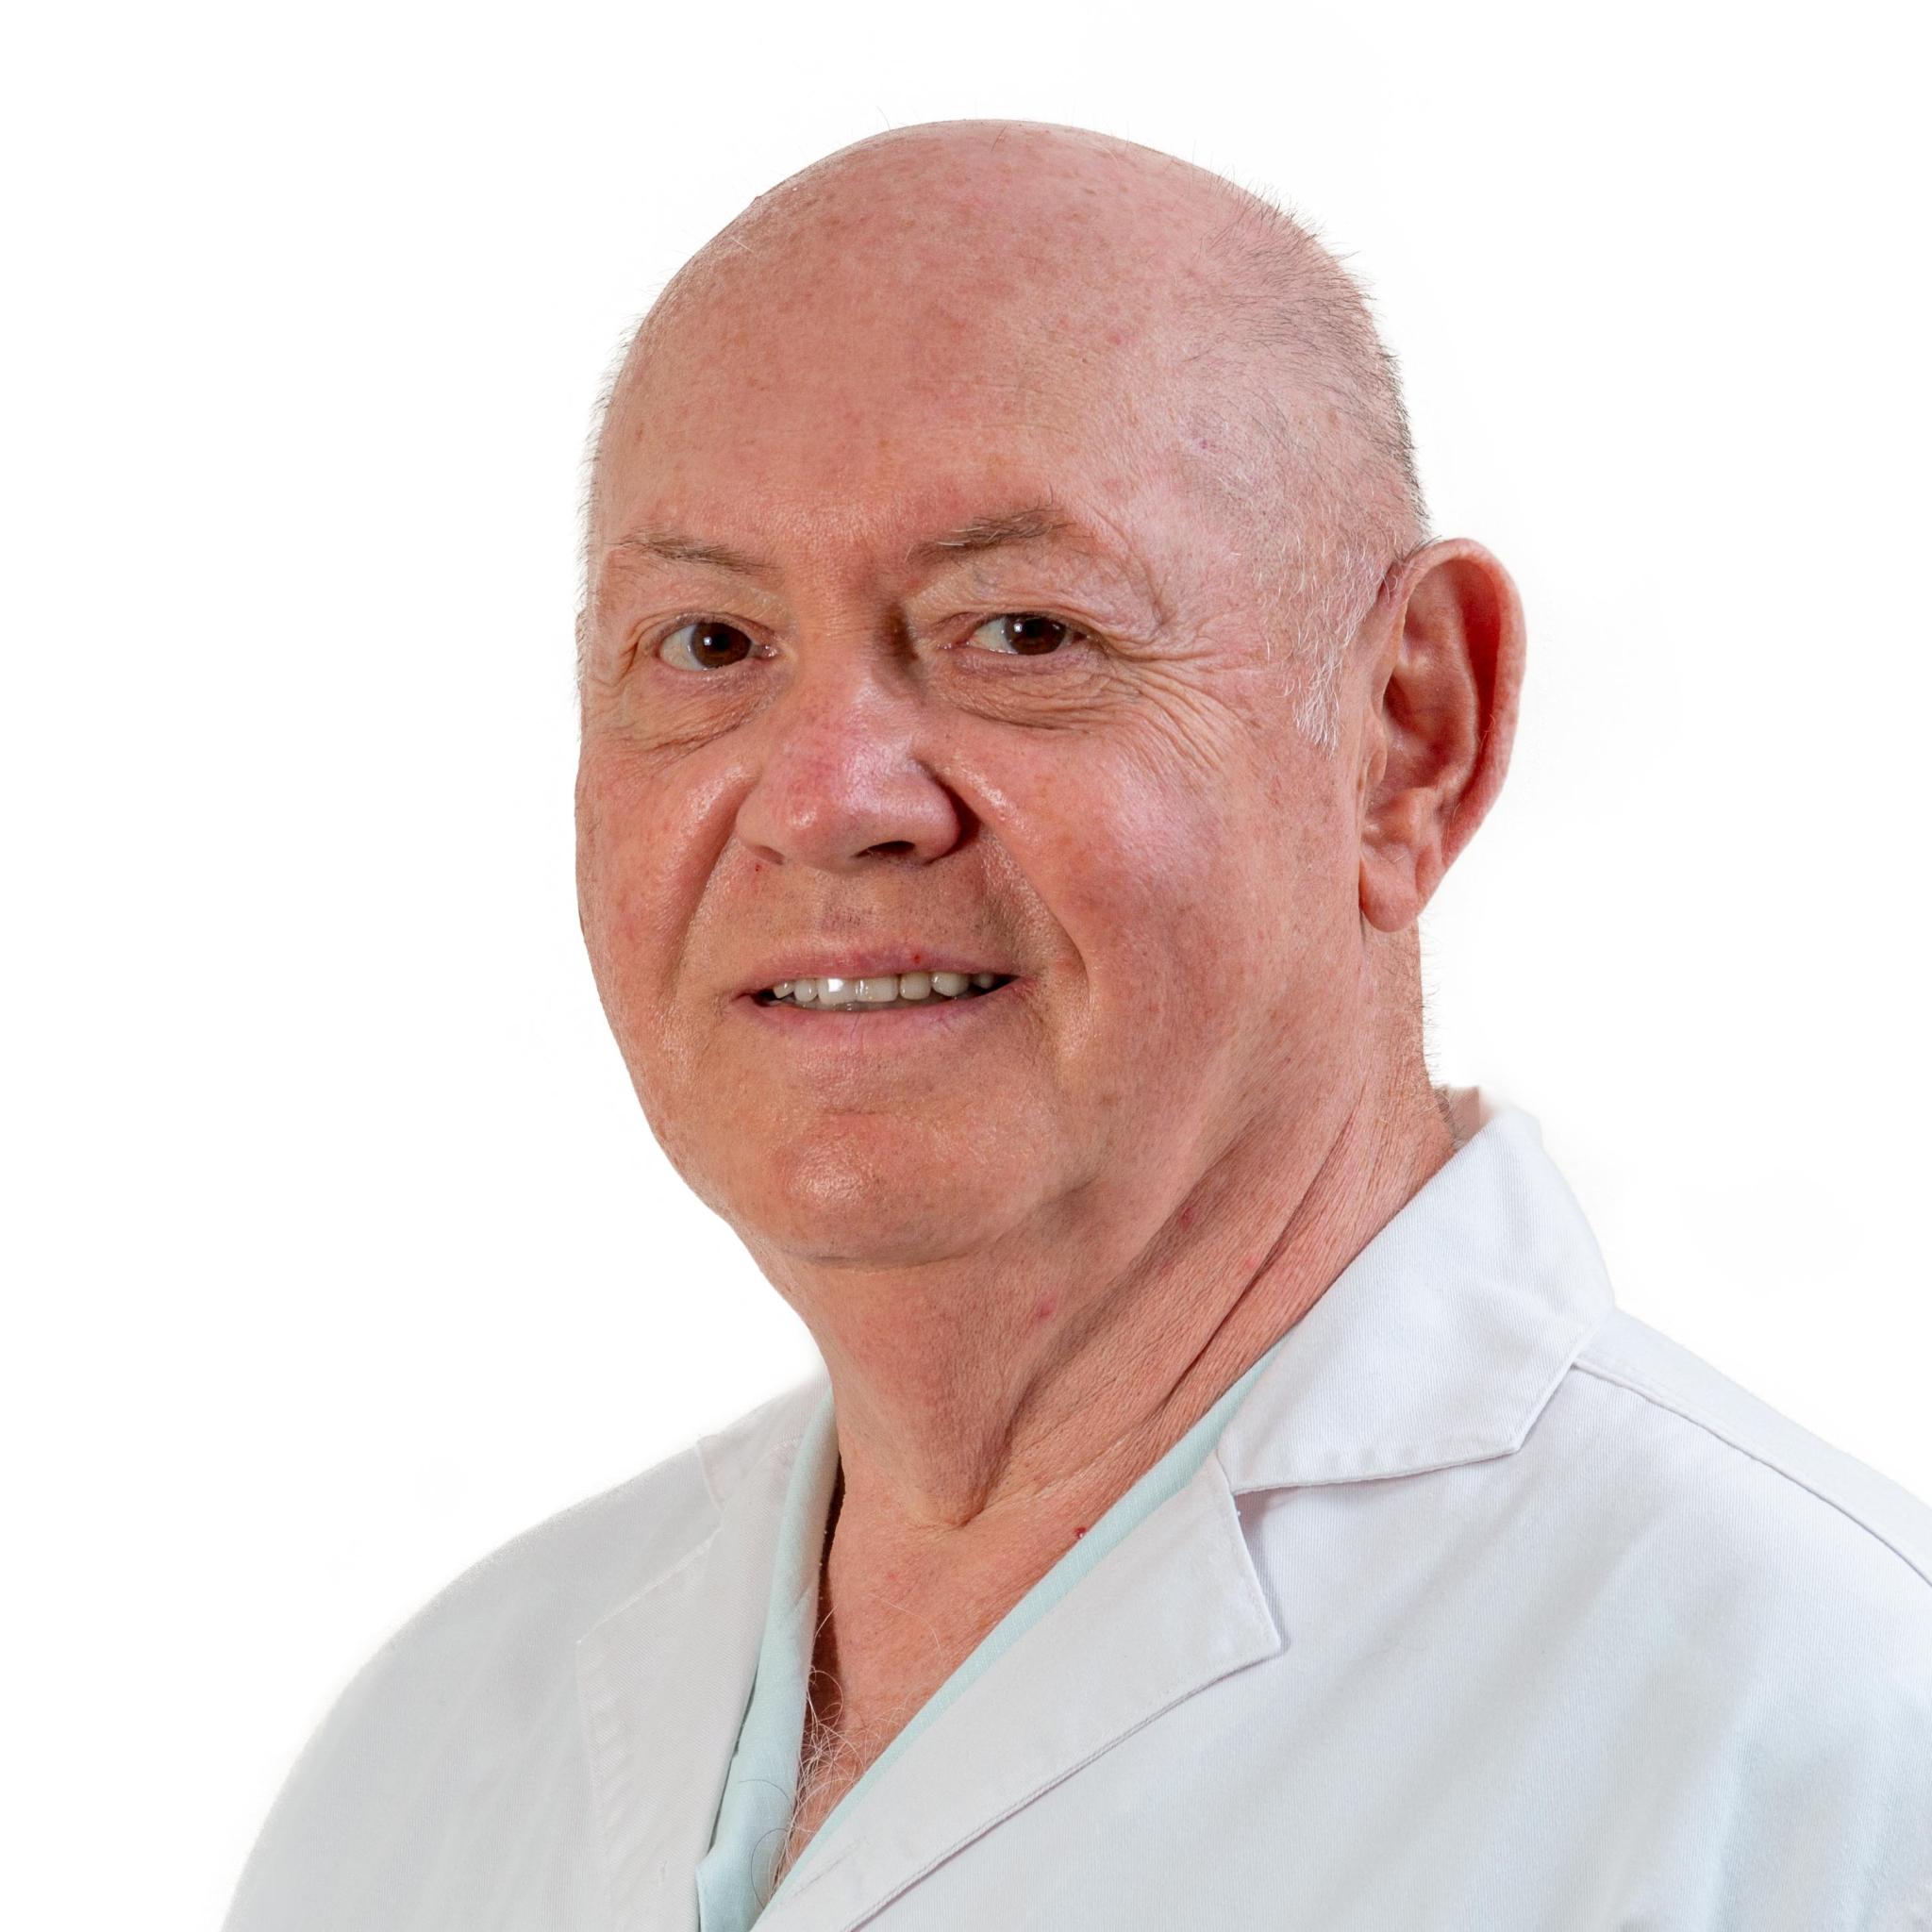 A leggyakoribb nemi szervi betegség - Urológus Győr